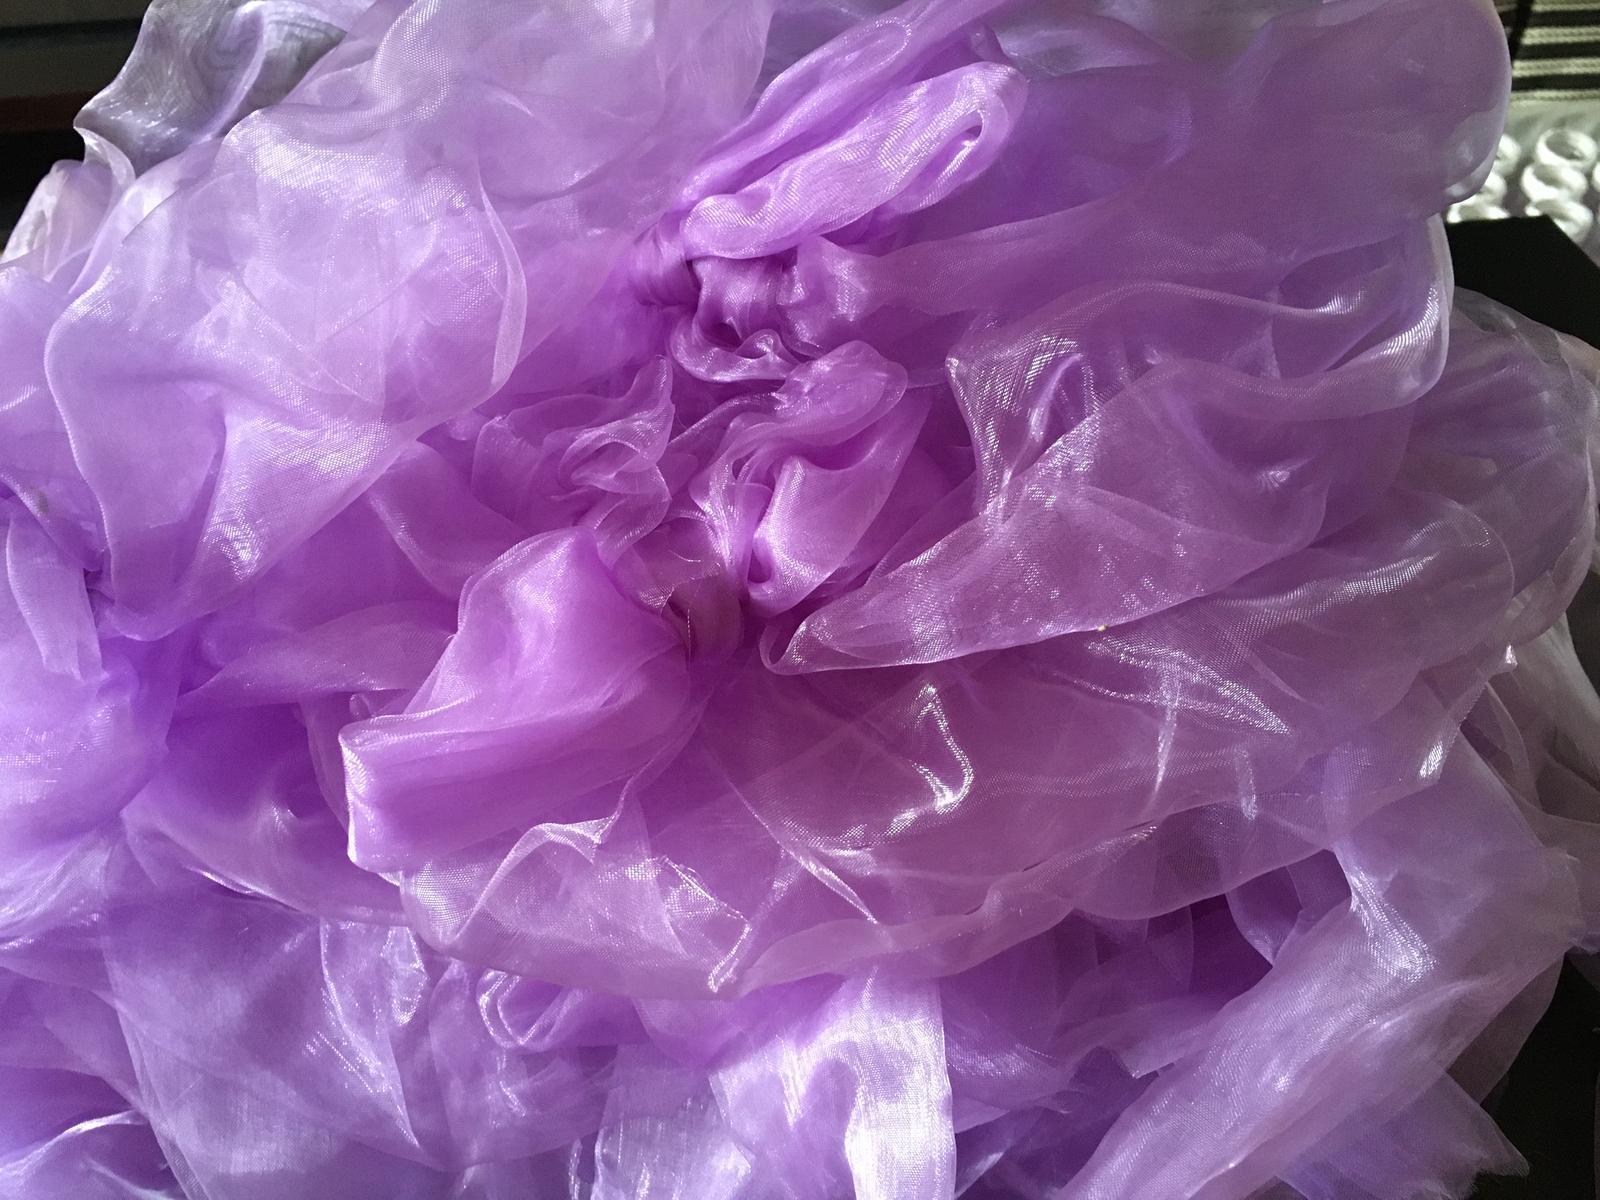 Mašle na židle z organzy 40 ks lila fialová levandulová - Obrázek č. 4